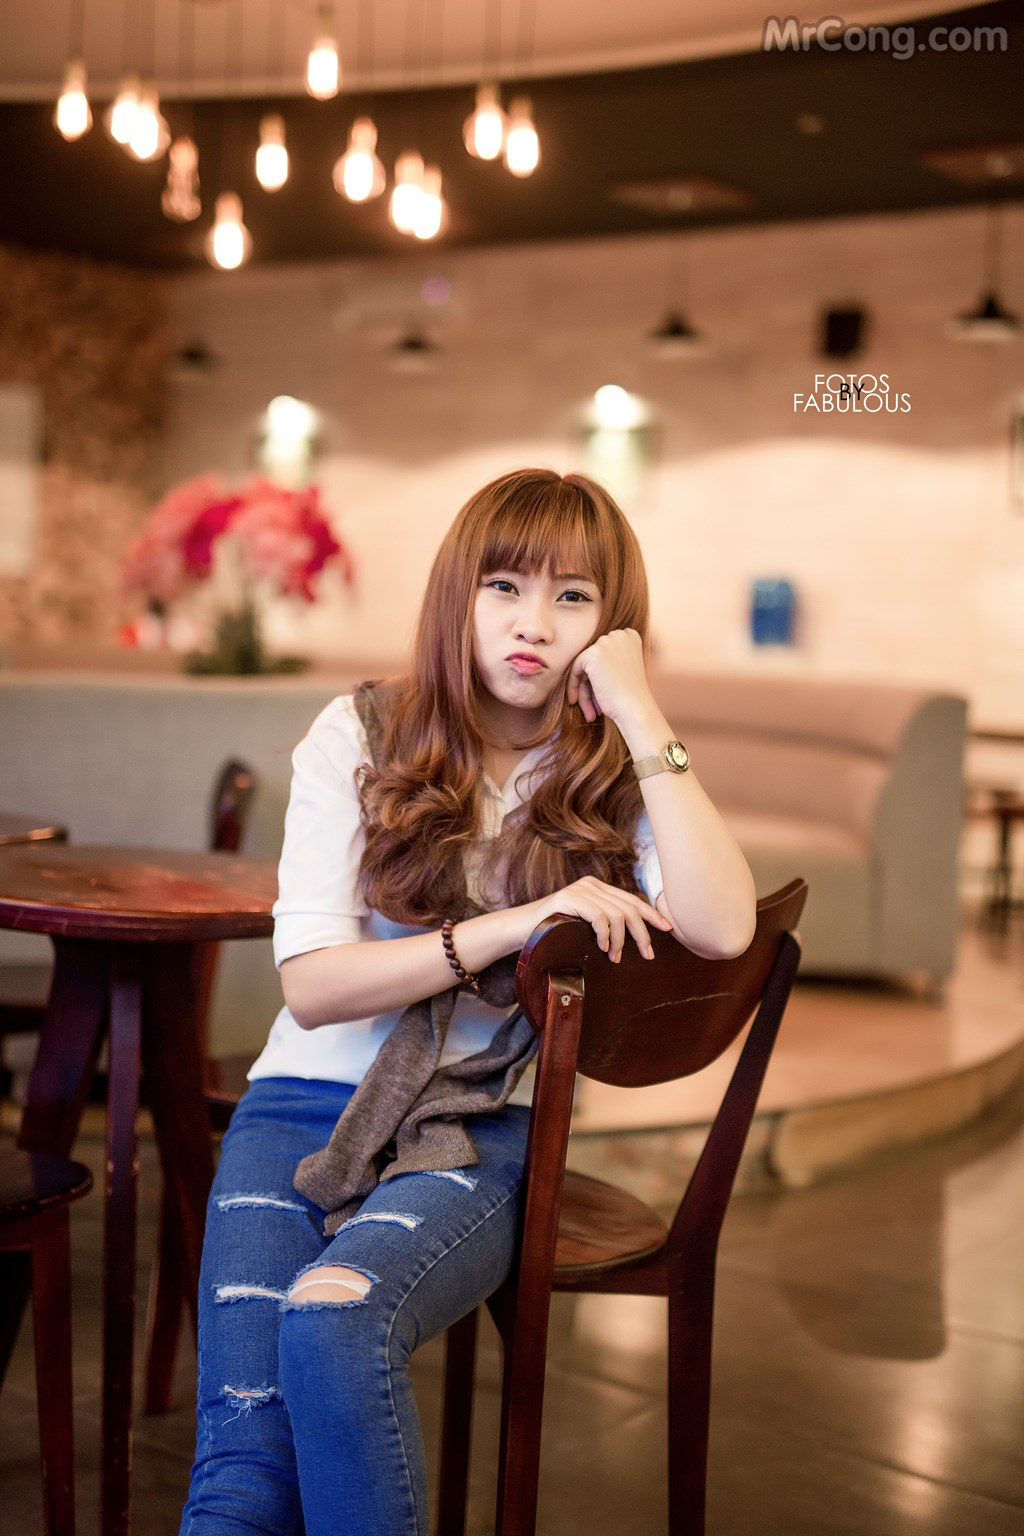 Image Girl-Xinh-Viet-Nam-by-Khanh-Hoang-MrCong.com-012 in post Tổng hợp ảnh girl xinh Việt Nam chất lượng cao – Phần 29 (314 ảnh)